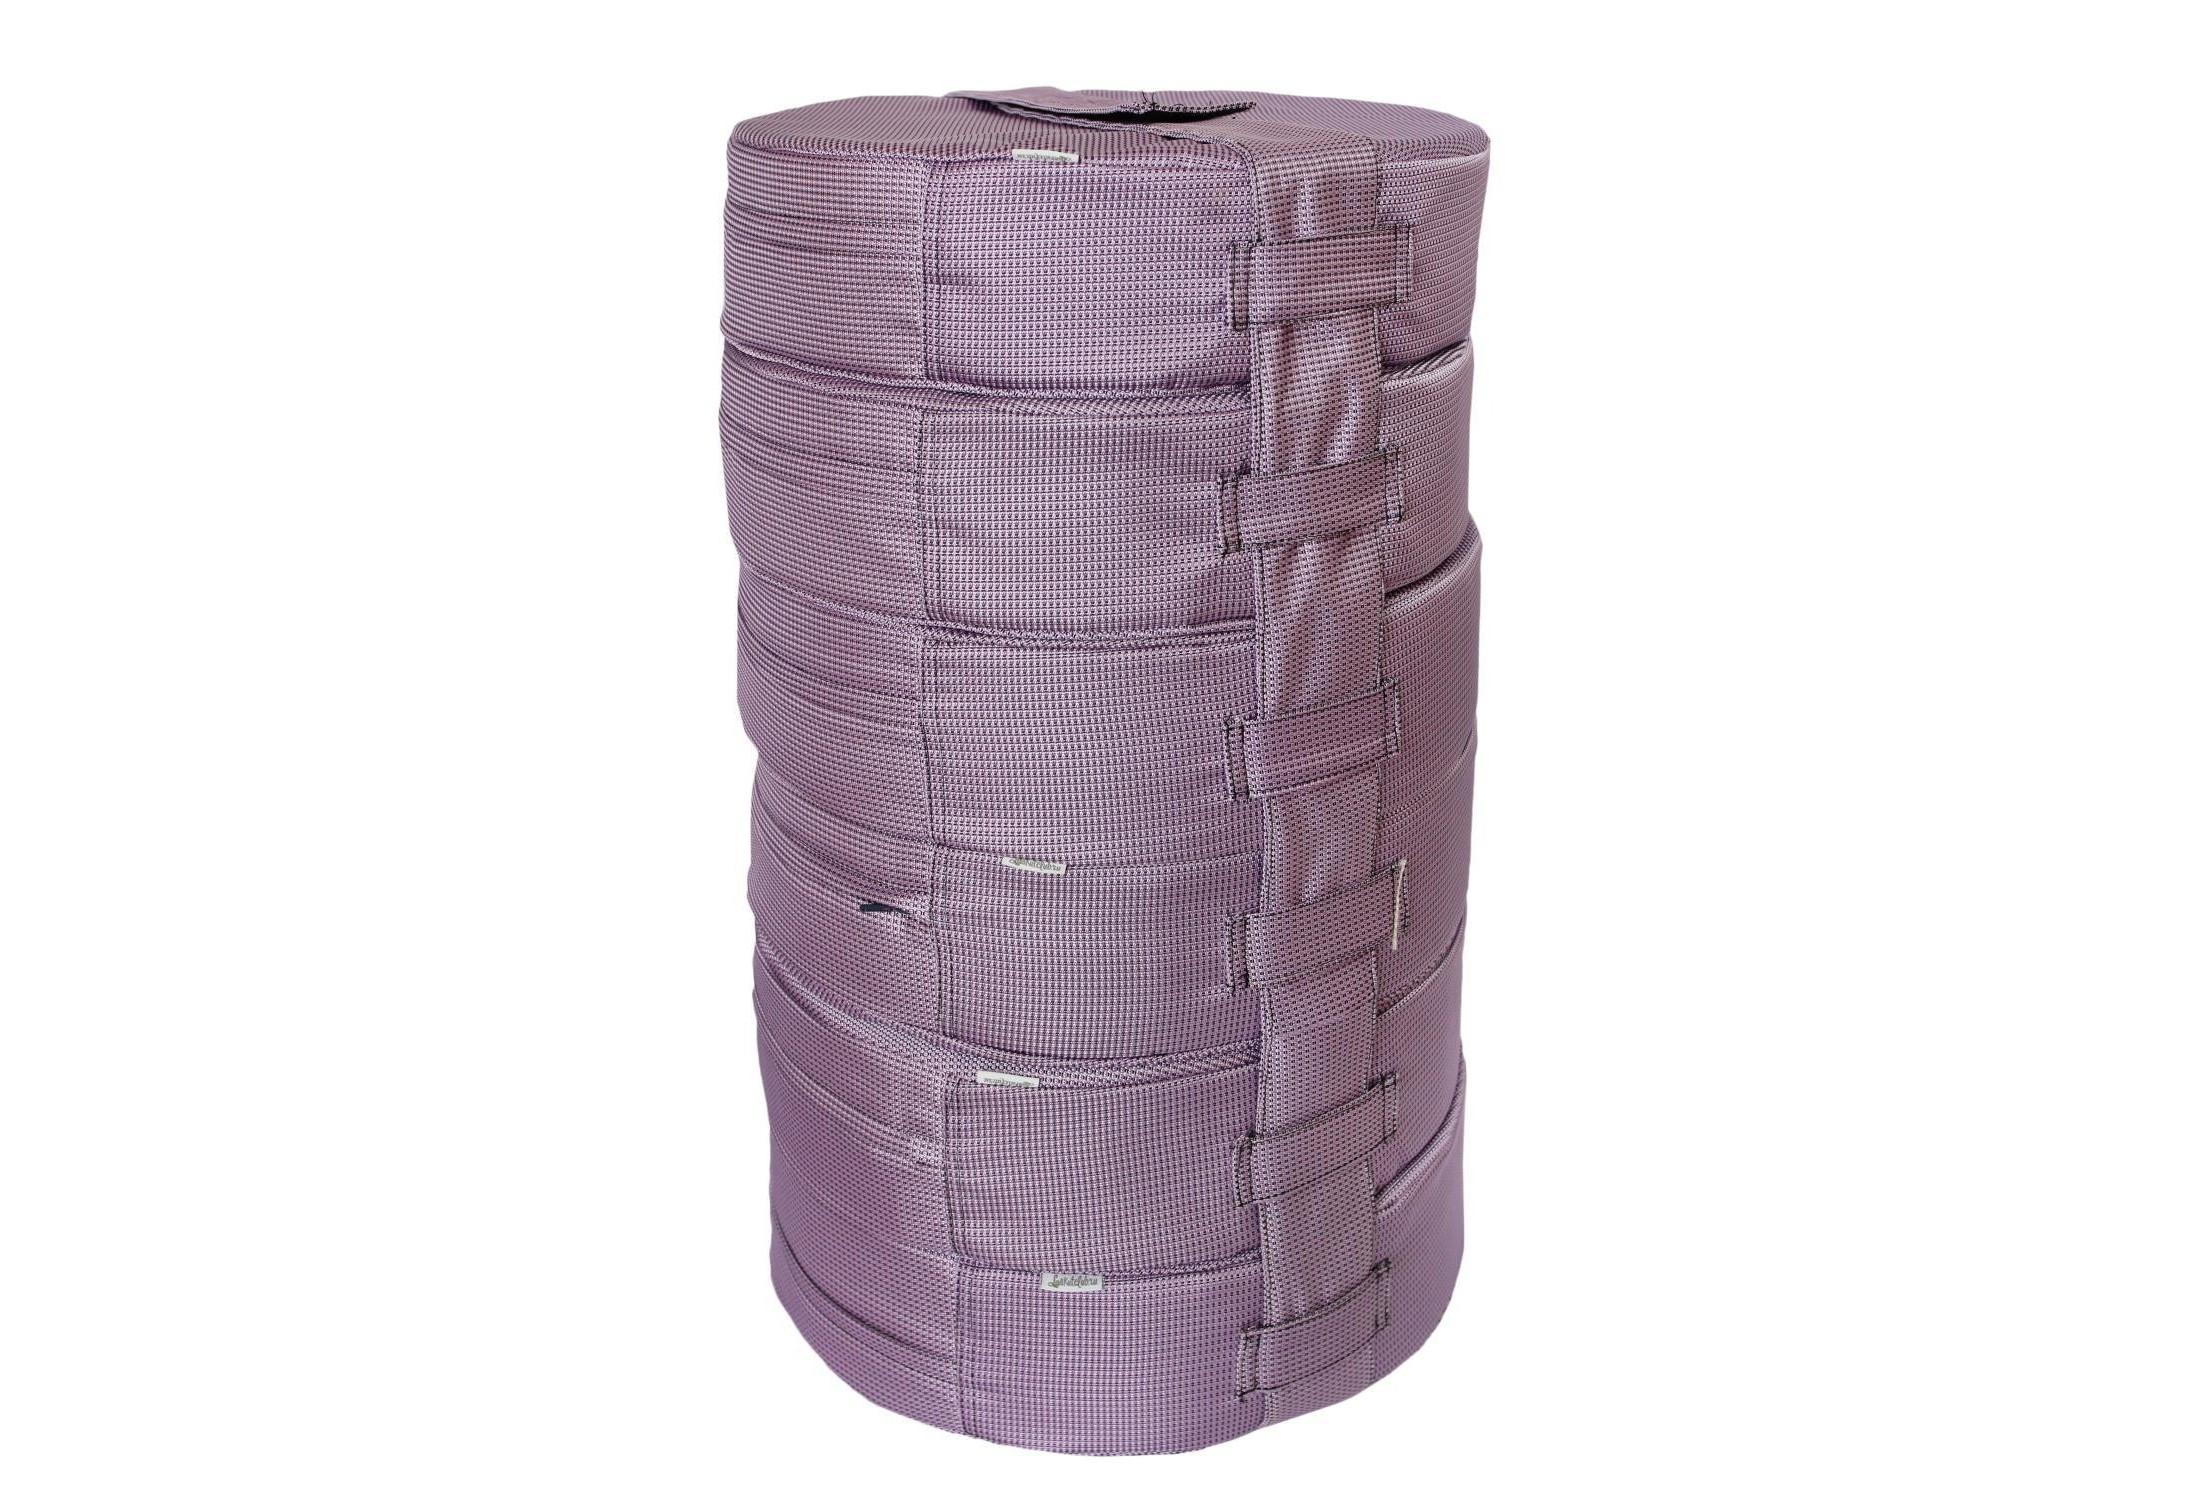 Подушка на пол lupin (6шт)Форменные пуфы<br>Мягкие и очень удобные подушки на пол из водооталкивающей ткани с наполнителем из поролона станут функциональным предметом для комфортного отдыха. Контраст вставки с основным цветом изделия добавит изюминку в ваше пространство! Подушка сшита из очень плотной ткани с водооталкивающей пропиткой с внешней стороны, поэтому идеально подойдет для уличного декора. Набор подушек удобно хранить и перевозить в машине, за счет компактной упаковки. При загрязнении ее достаточно протереть влажной салфеткой!&amp;amp;nbsp;&amp;lt;div&amp;gt;&amp;lt;br&amp;gt;&amp;lt;/div&amp;gt;&amp;lt;div&amp;gt;Размер каждой подушки 10х40 см.&amp;amp;nbsp;&amp;lt;/div&amp;gt;<br><br>Material: Текстиль<br>Height см: 60<br>Diameter см: 40